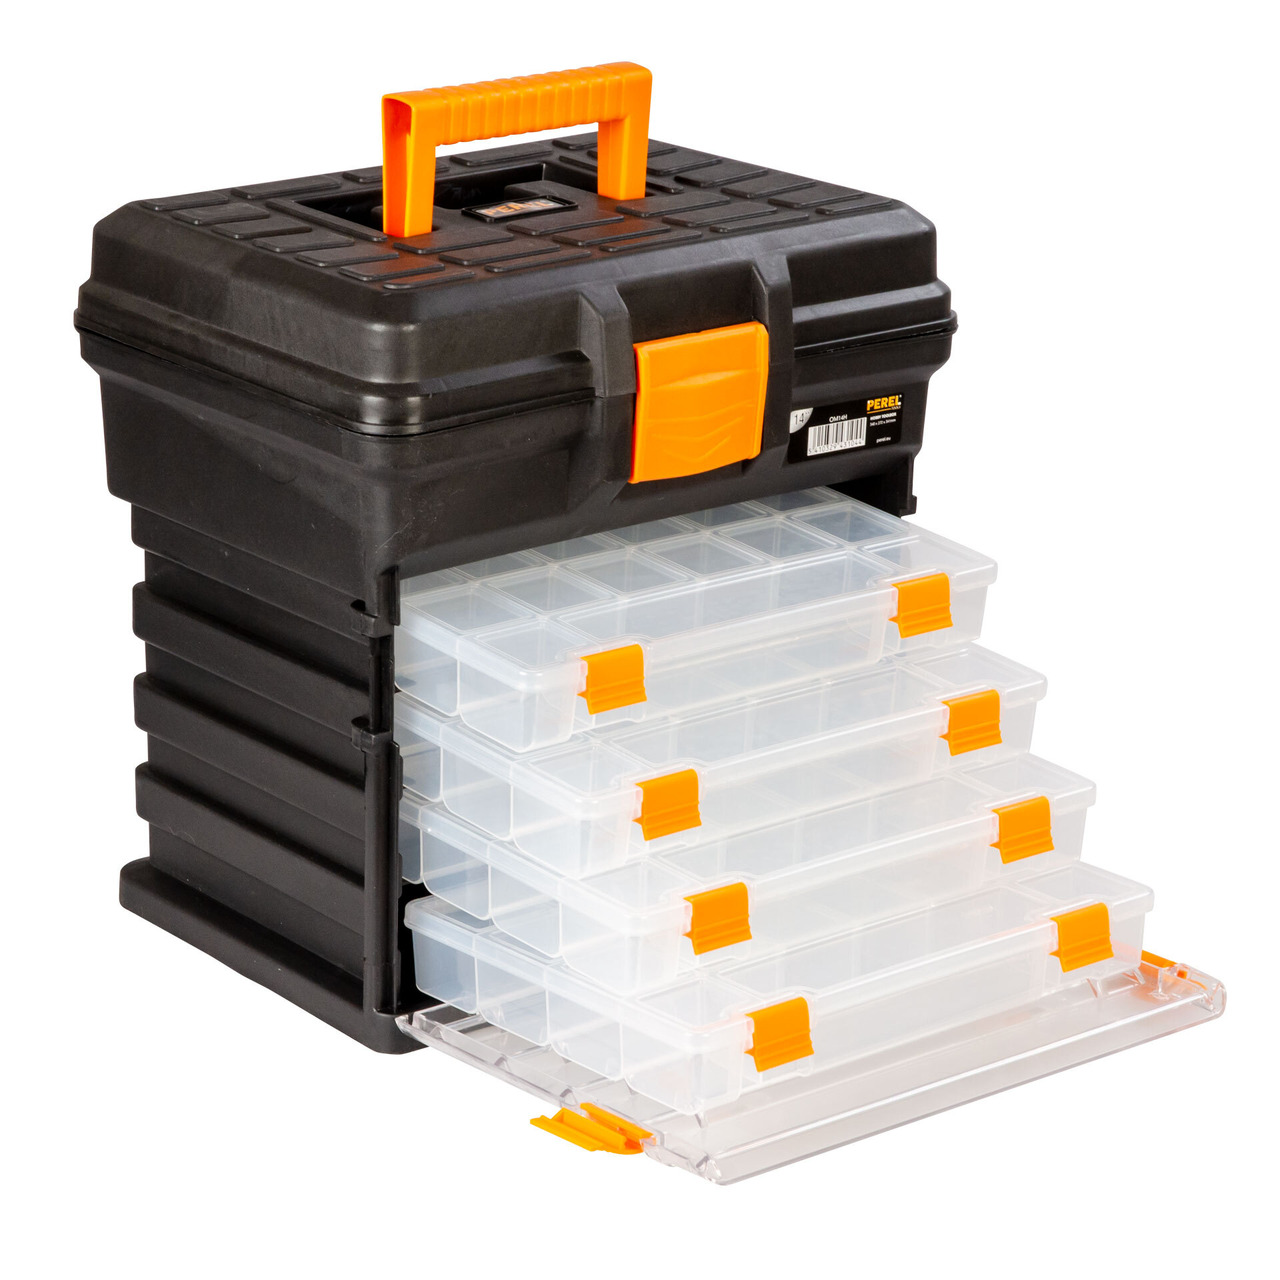 Velleman Werkzeugbox gross- mit 4 entnehmbaren Aufbewahrungsboxen